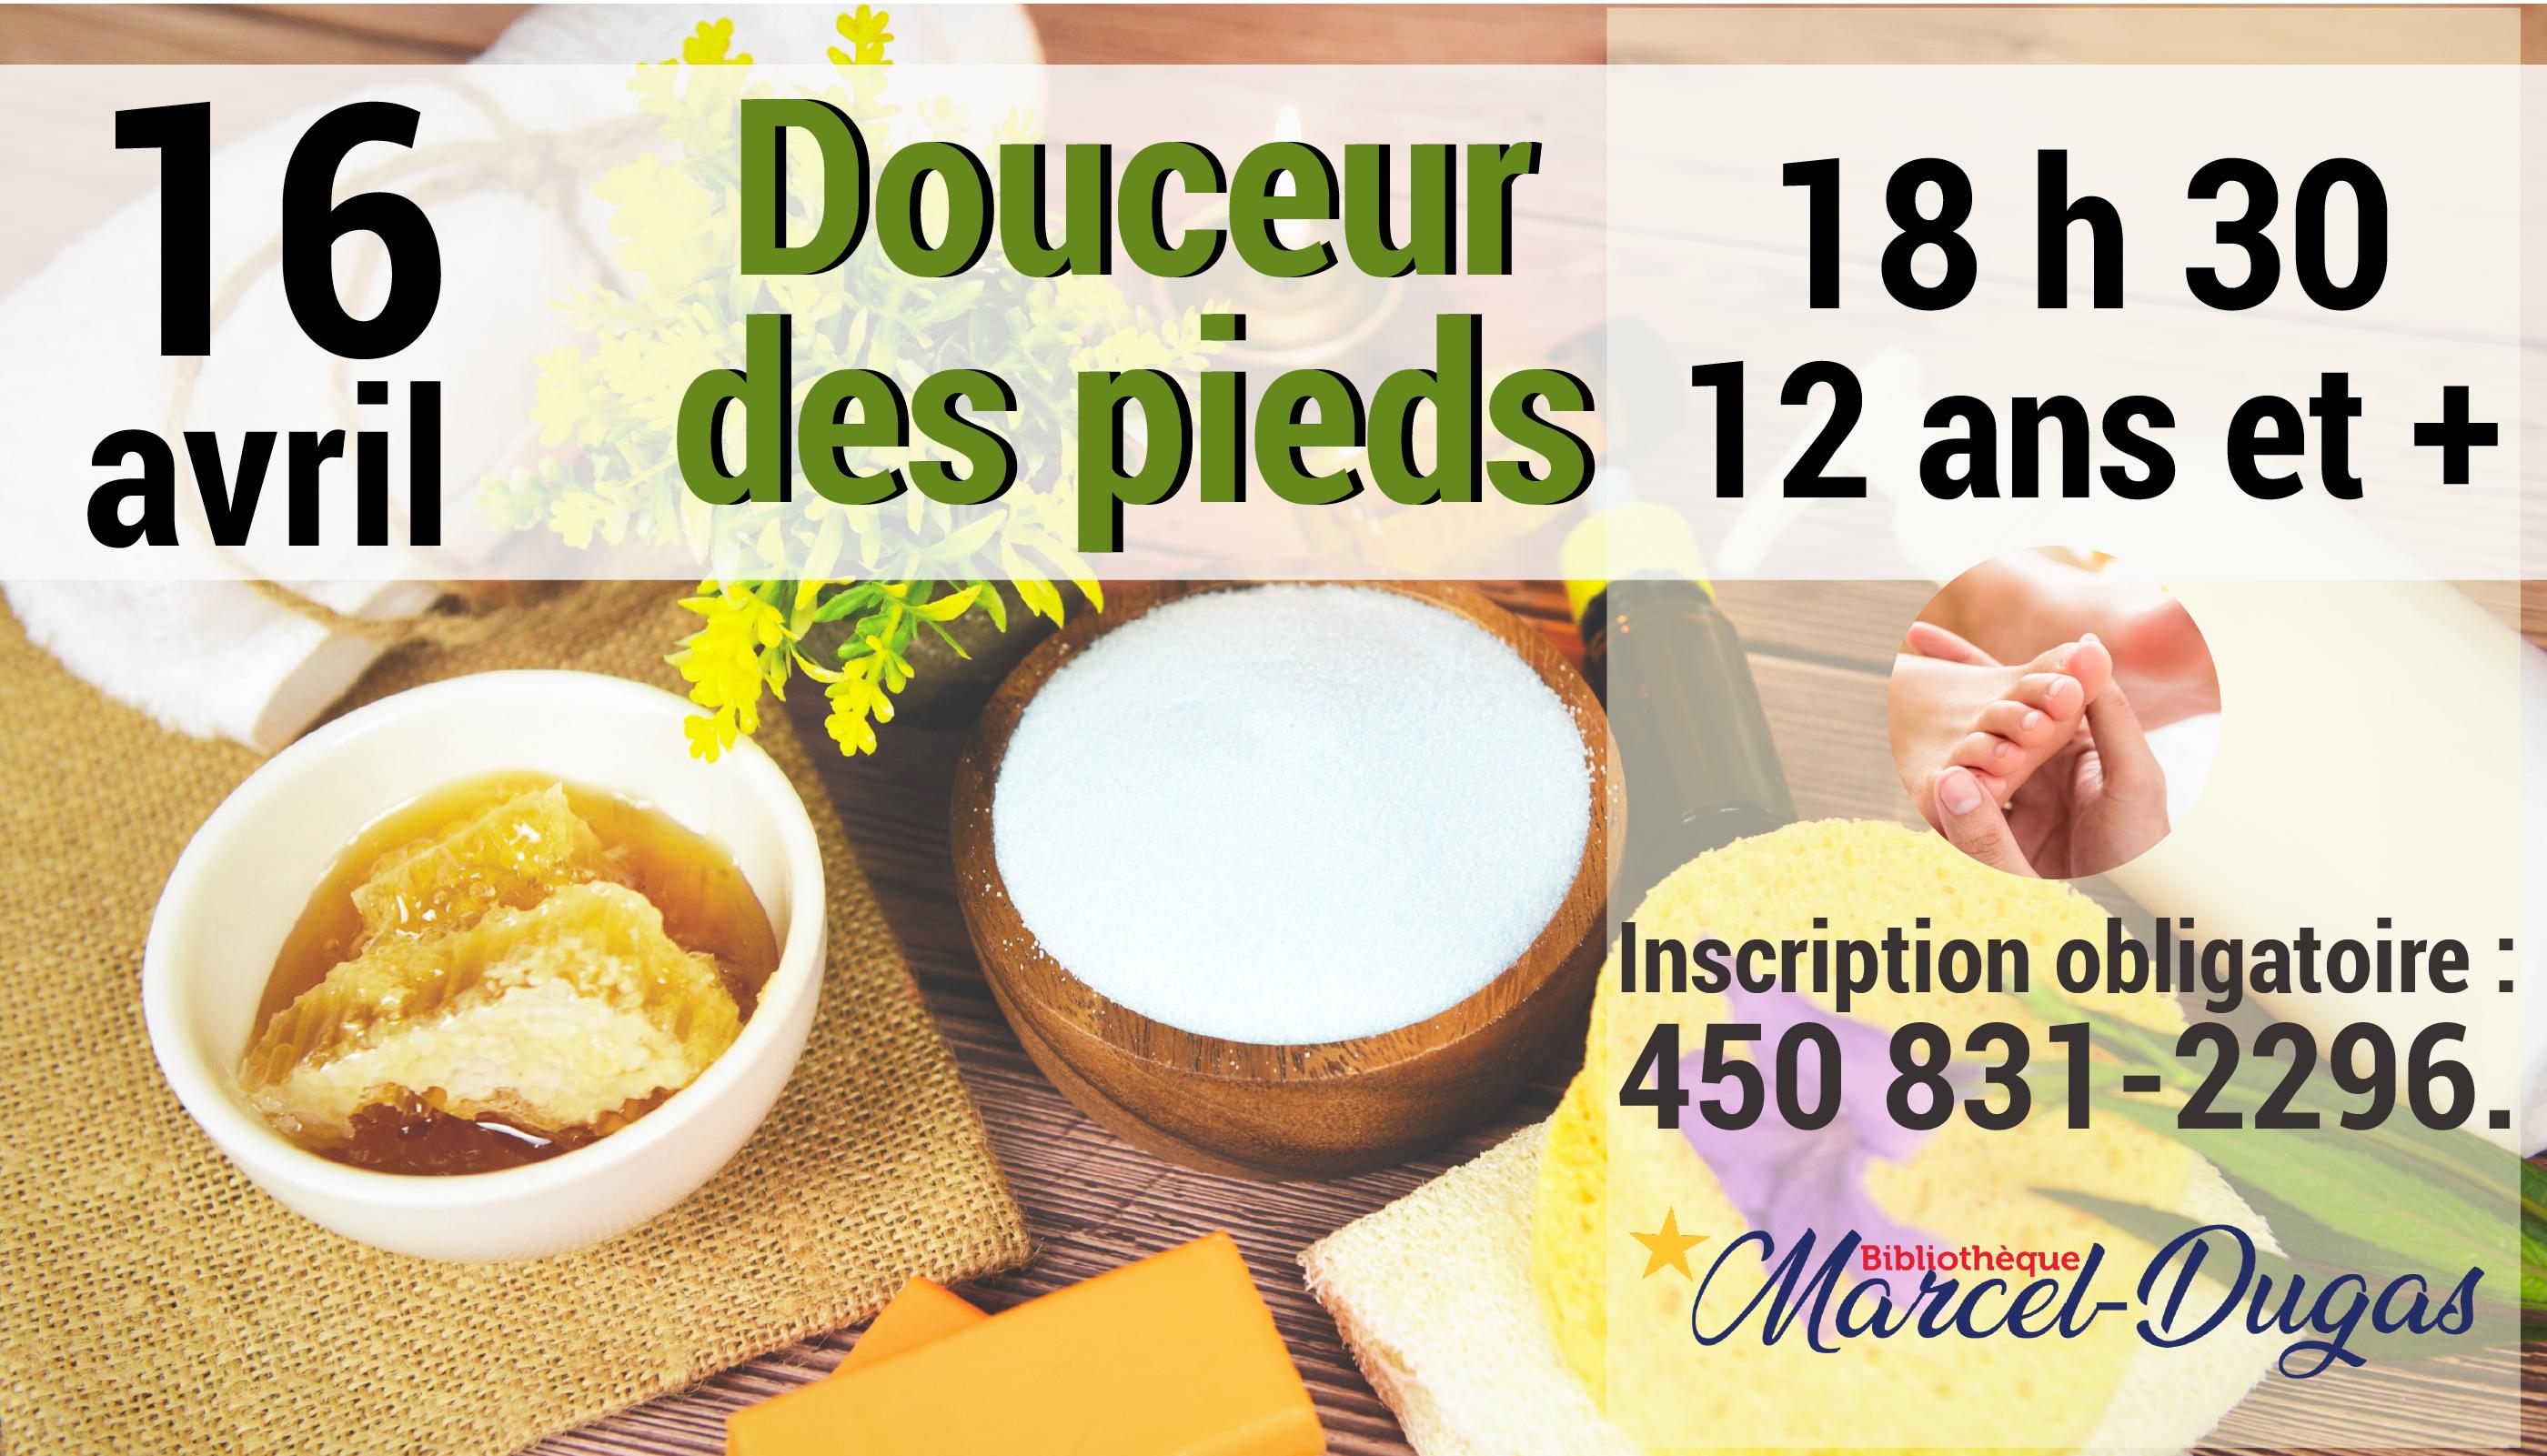 Douceur des pieds @ Bibliothèque Marcel-Dugas